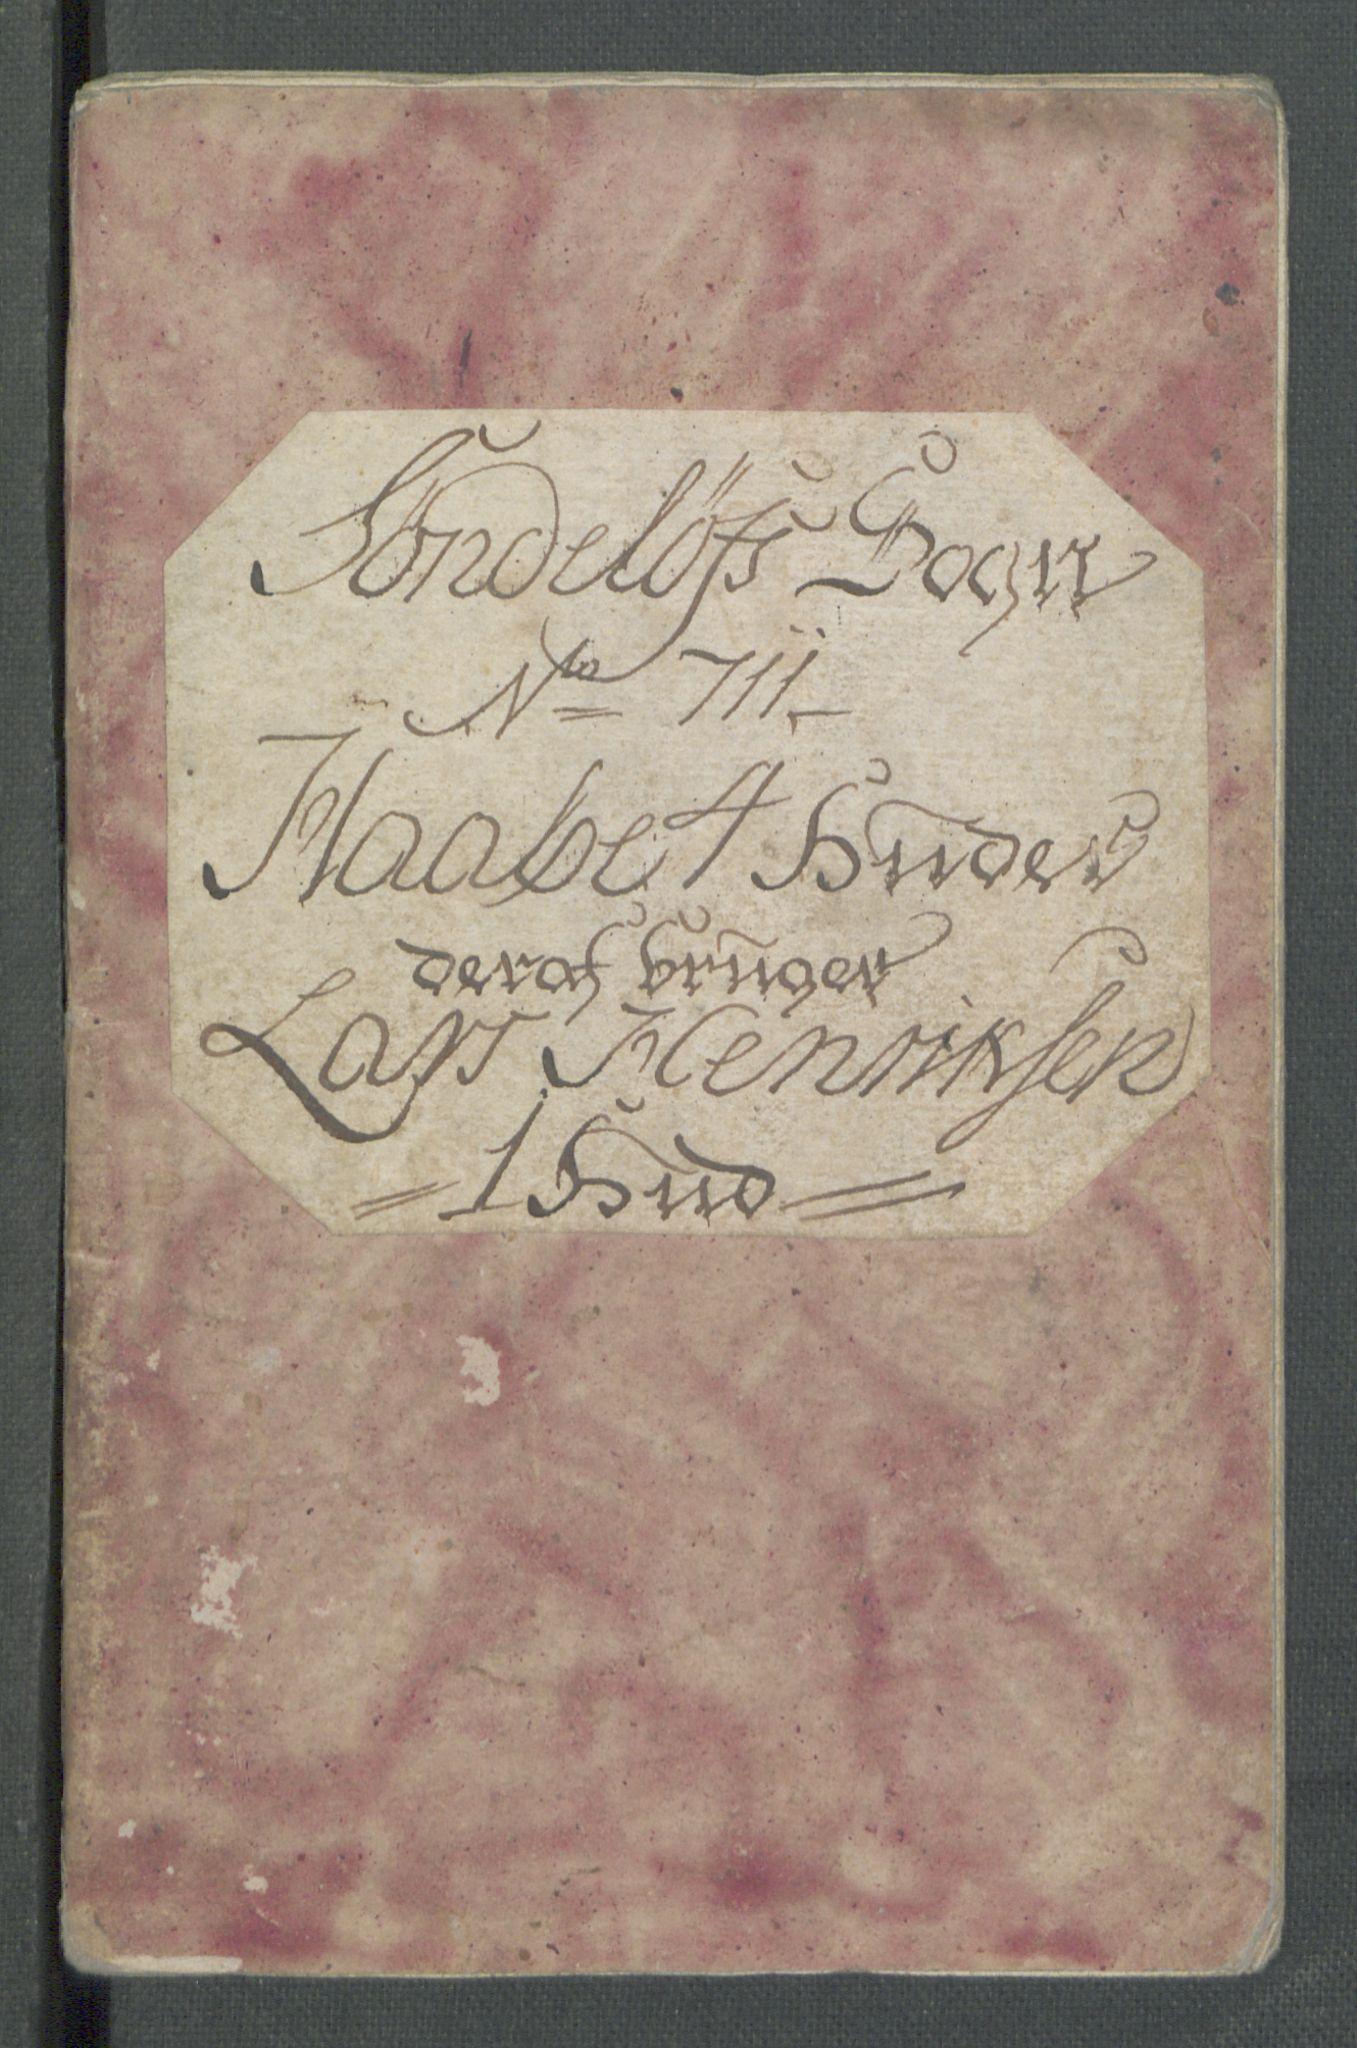 RA, Rentekammeret inntil 1814, Realistisk ordnet avdeling, Od/L0001: Oppløp, 1786-1769, s. 311